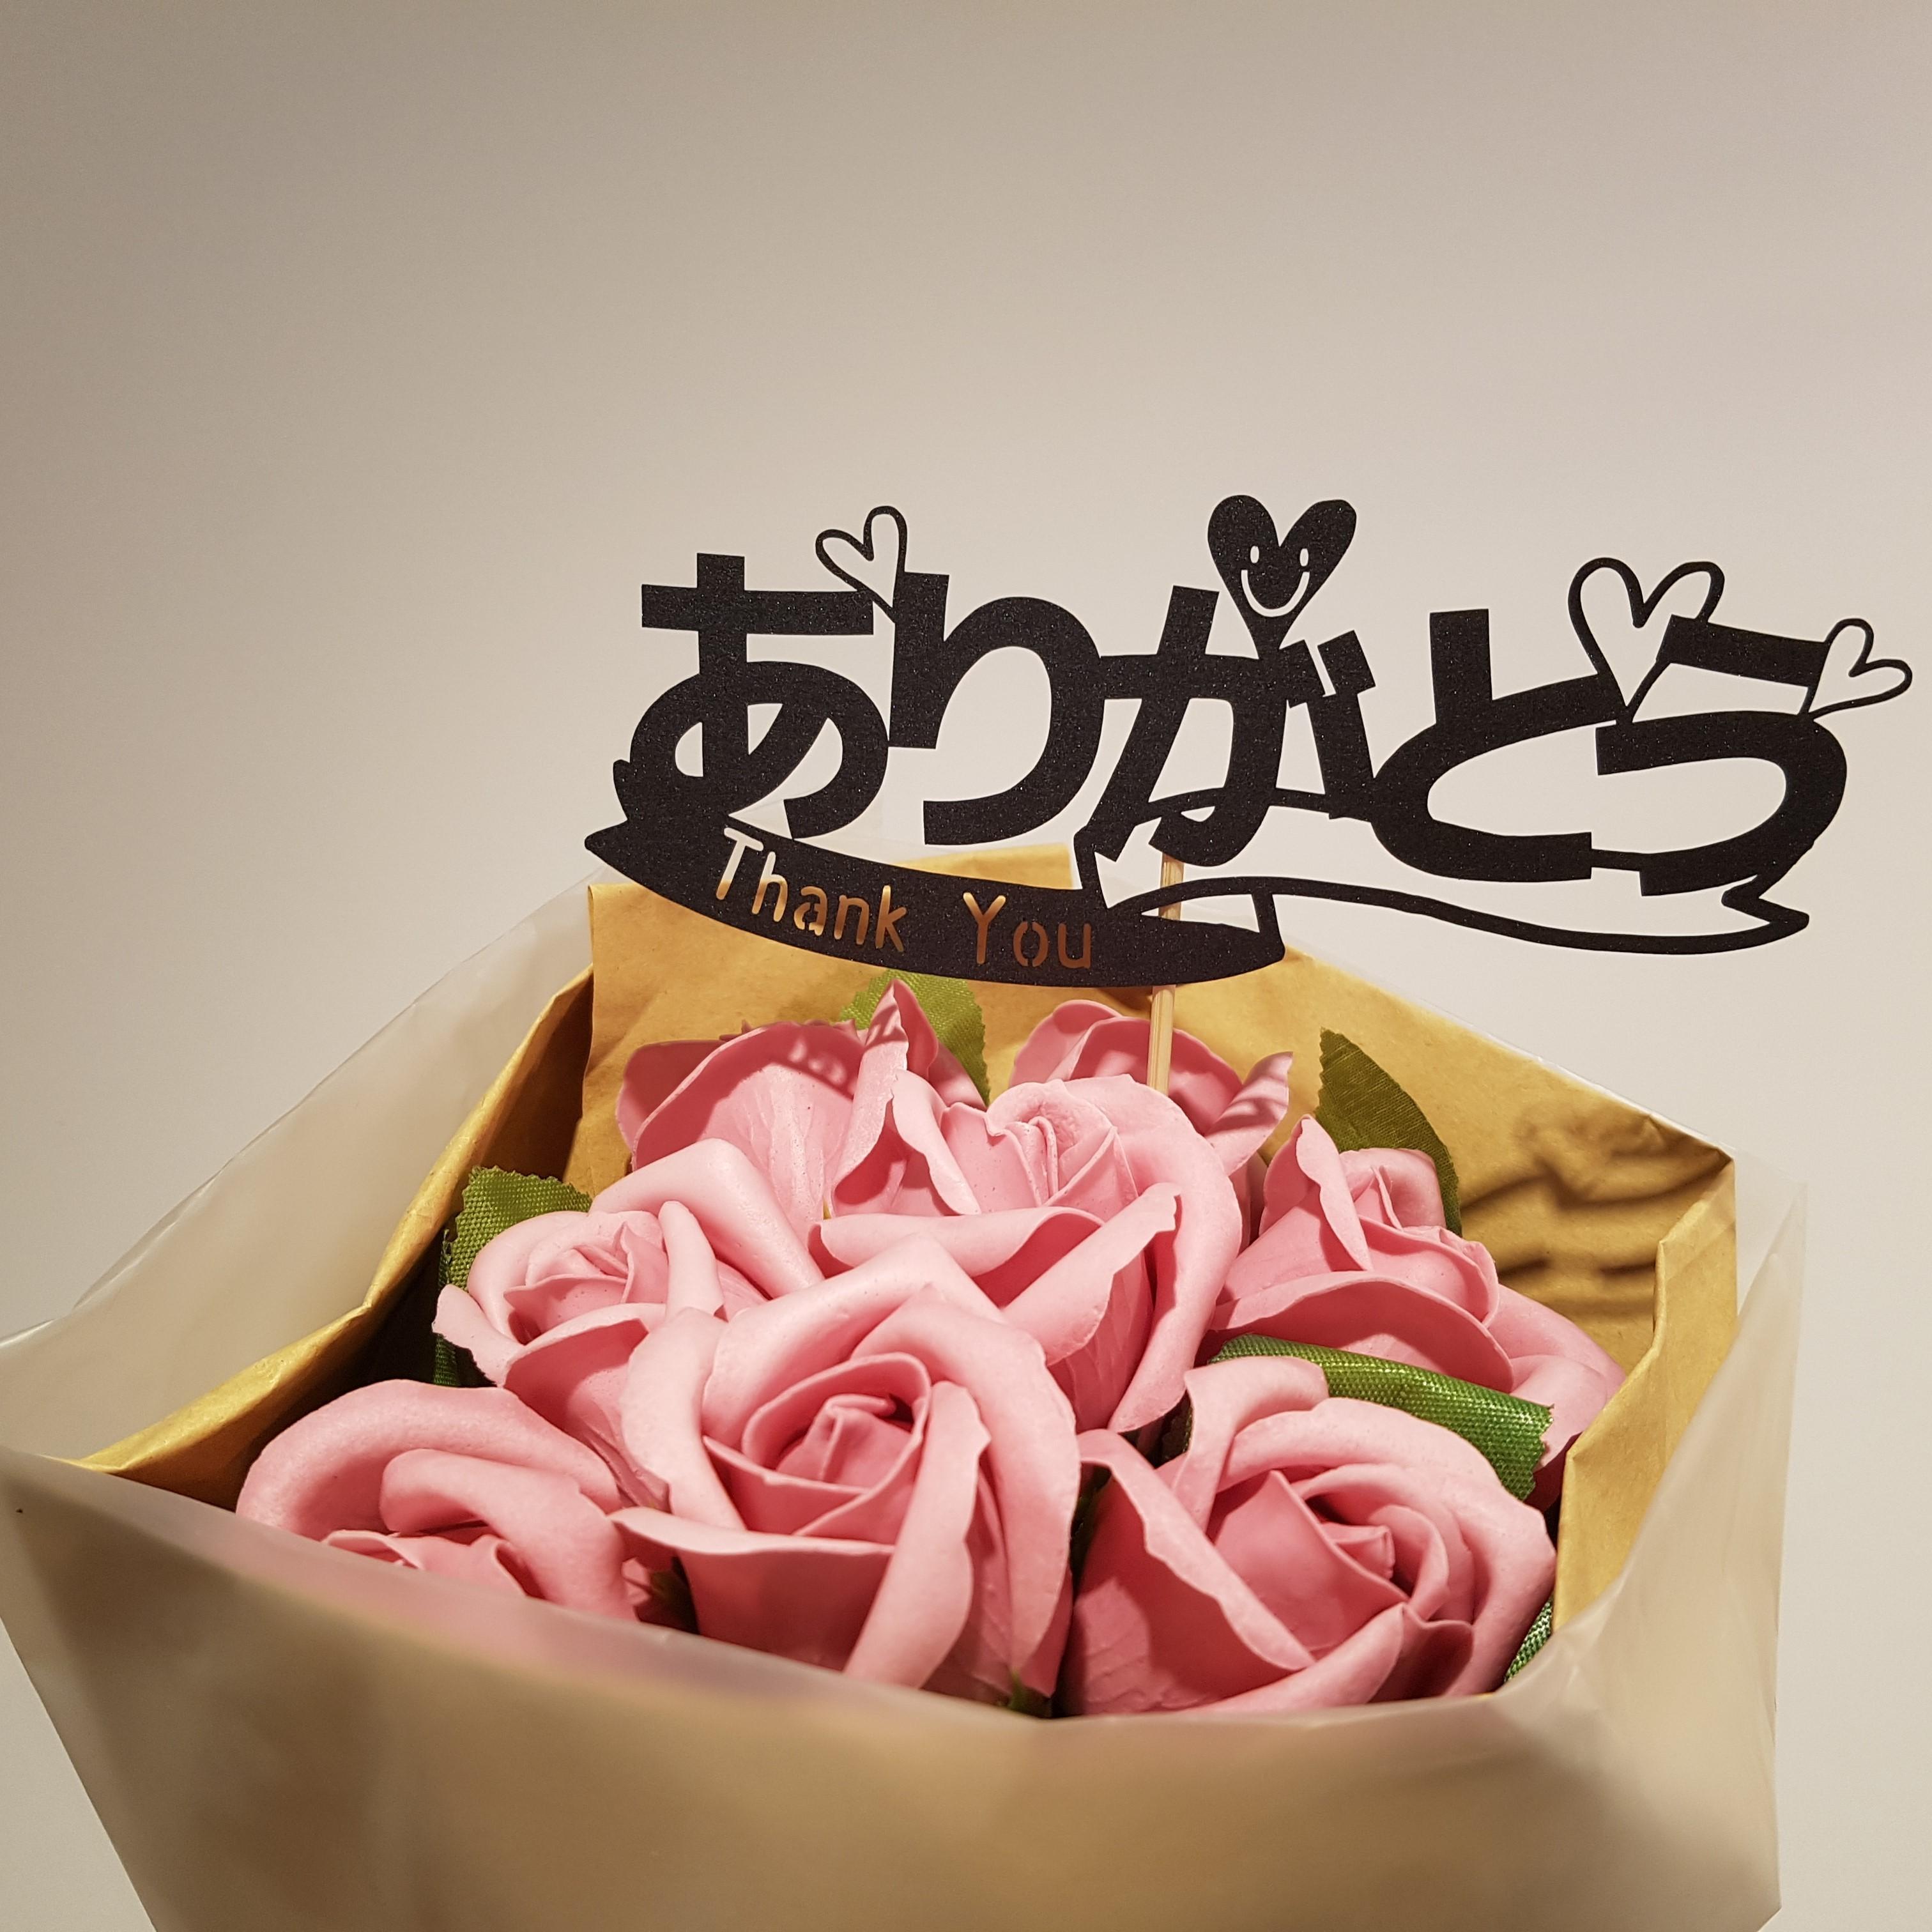 ケーキトッパー/ピック(ありがとう)- SNS Topper -